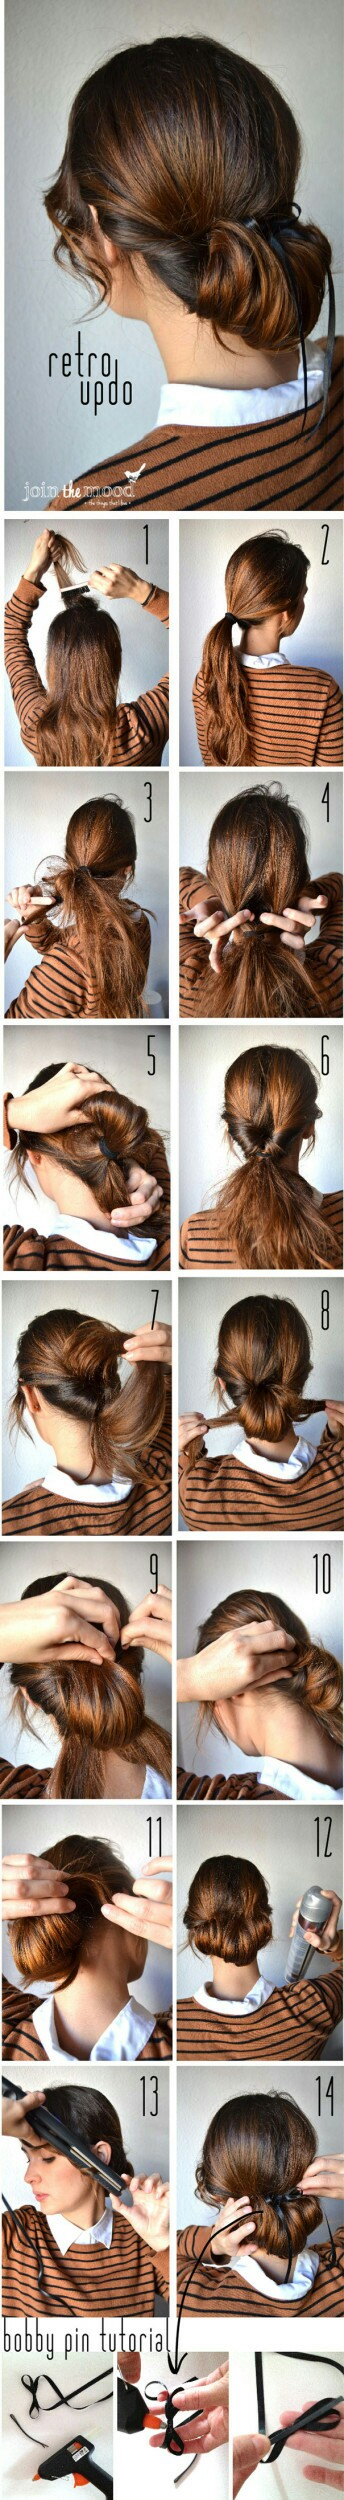 easy hairstlyle retro updo